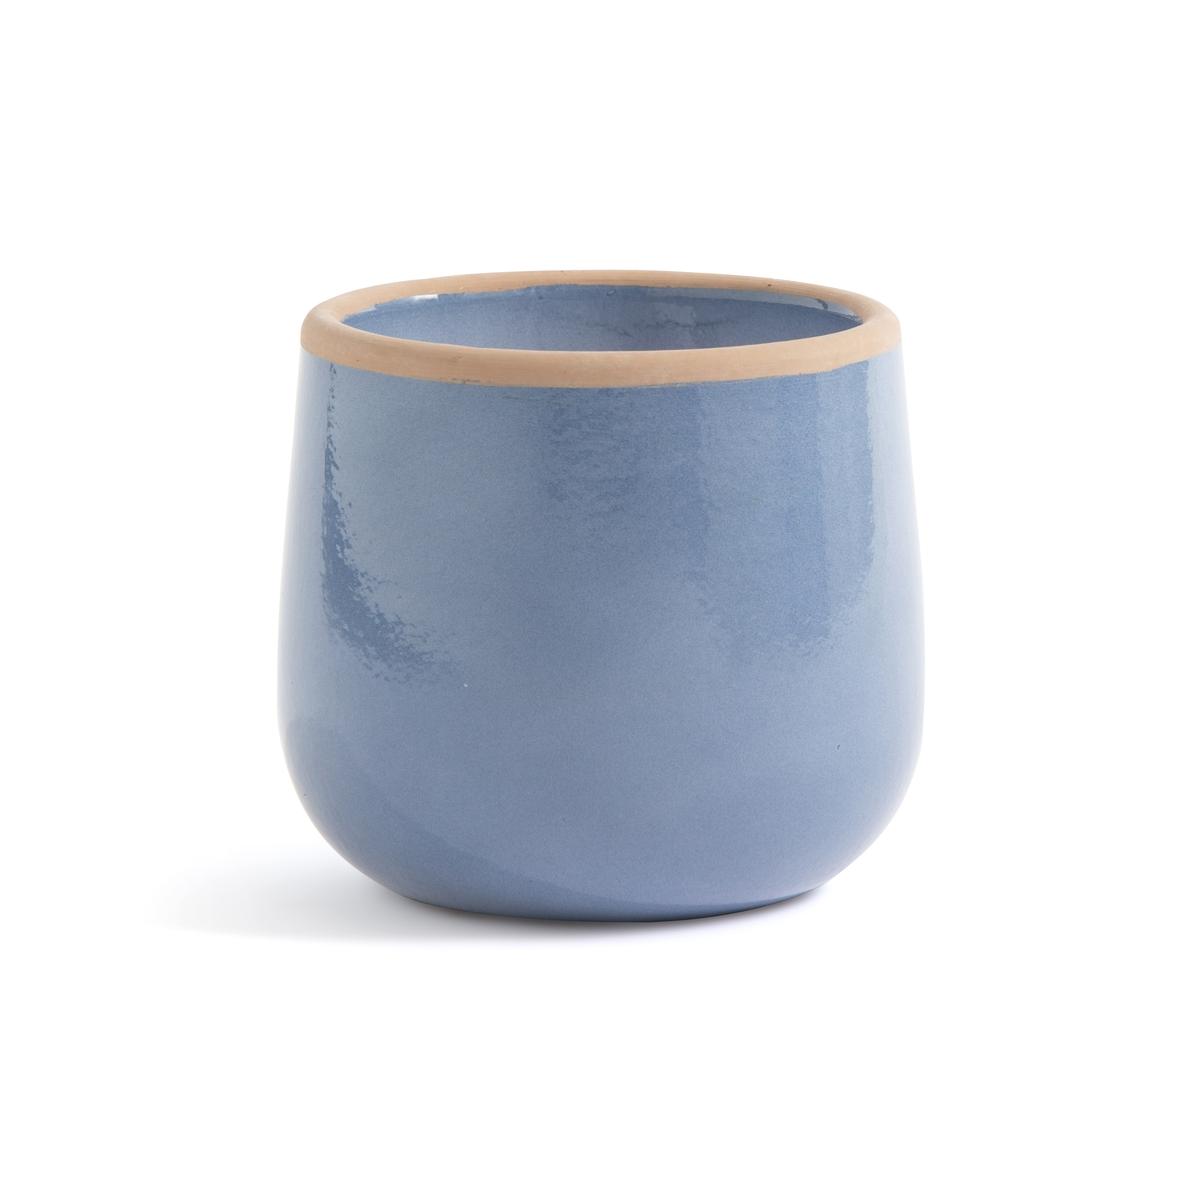 Кашпо La Redoute Из цветной керамики Mallow единый размер синий